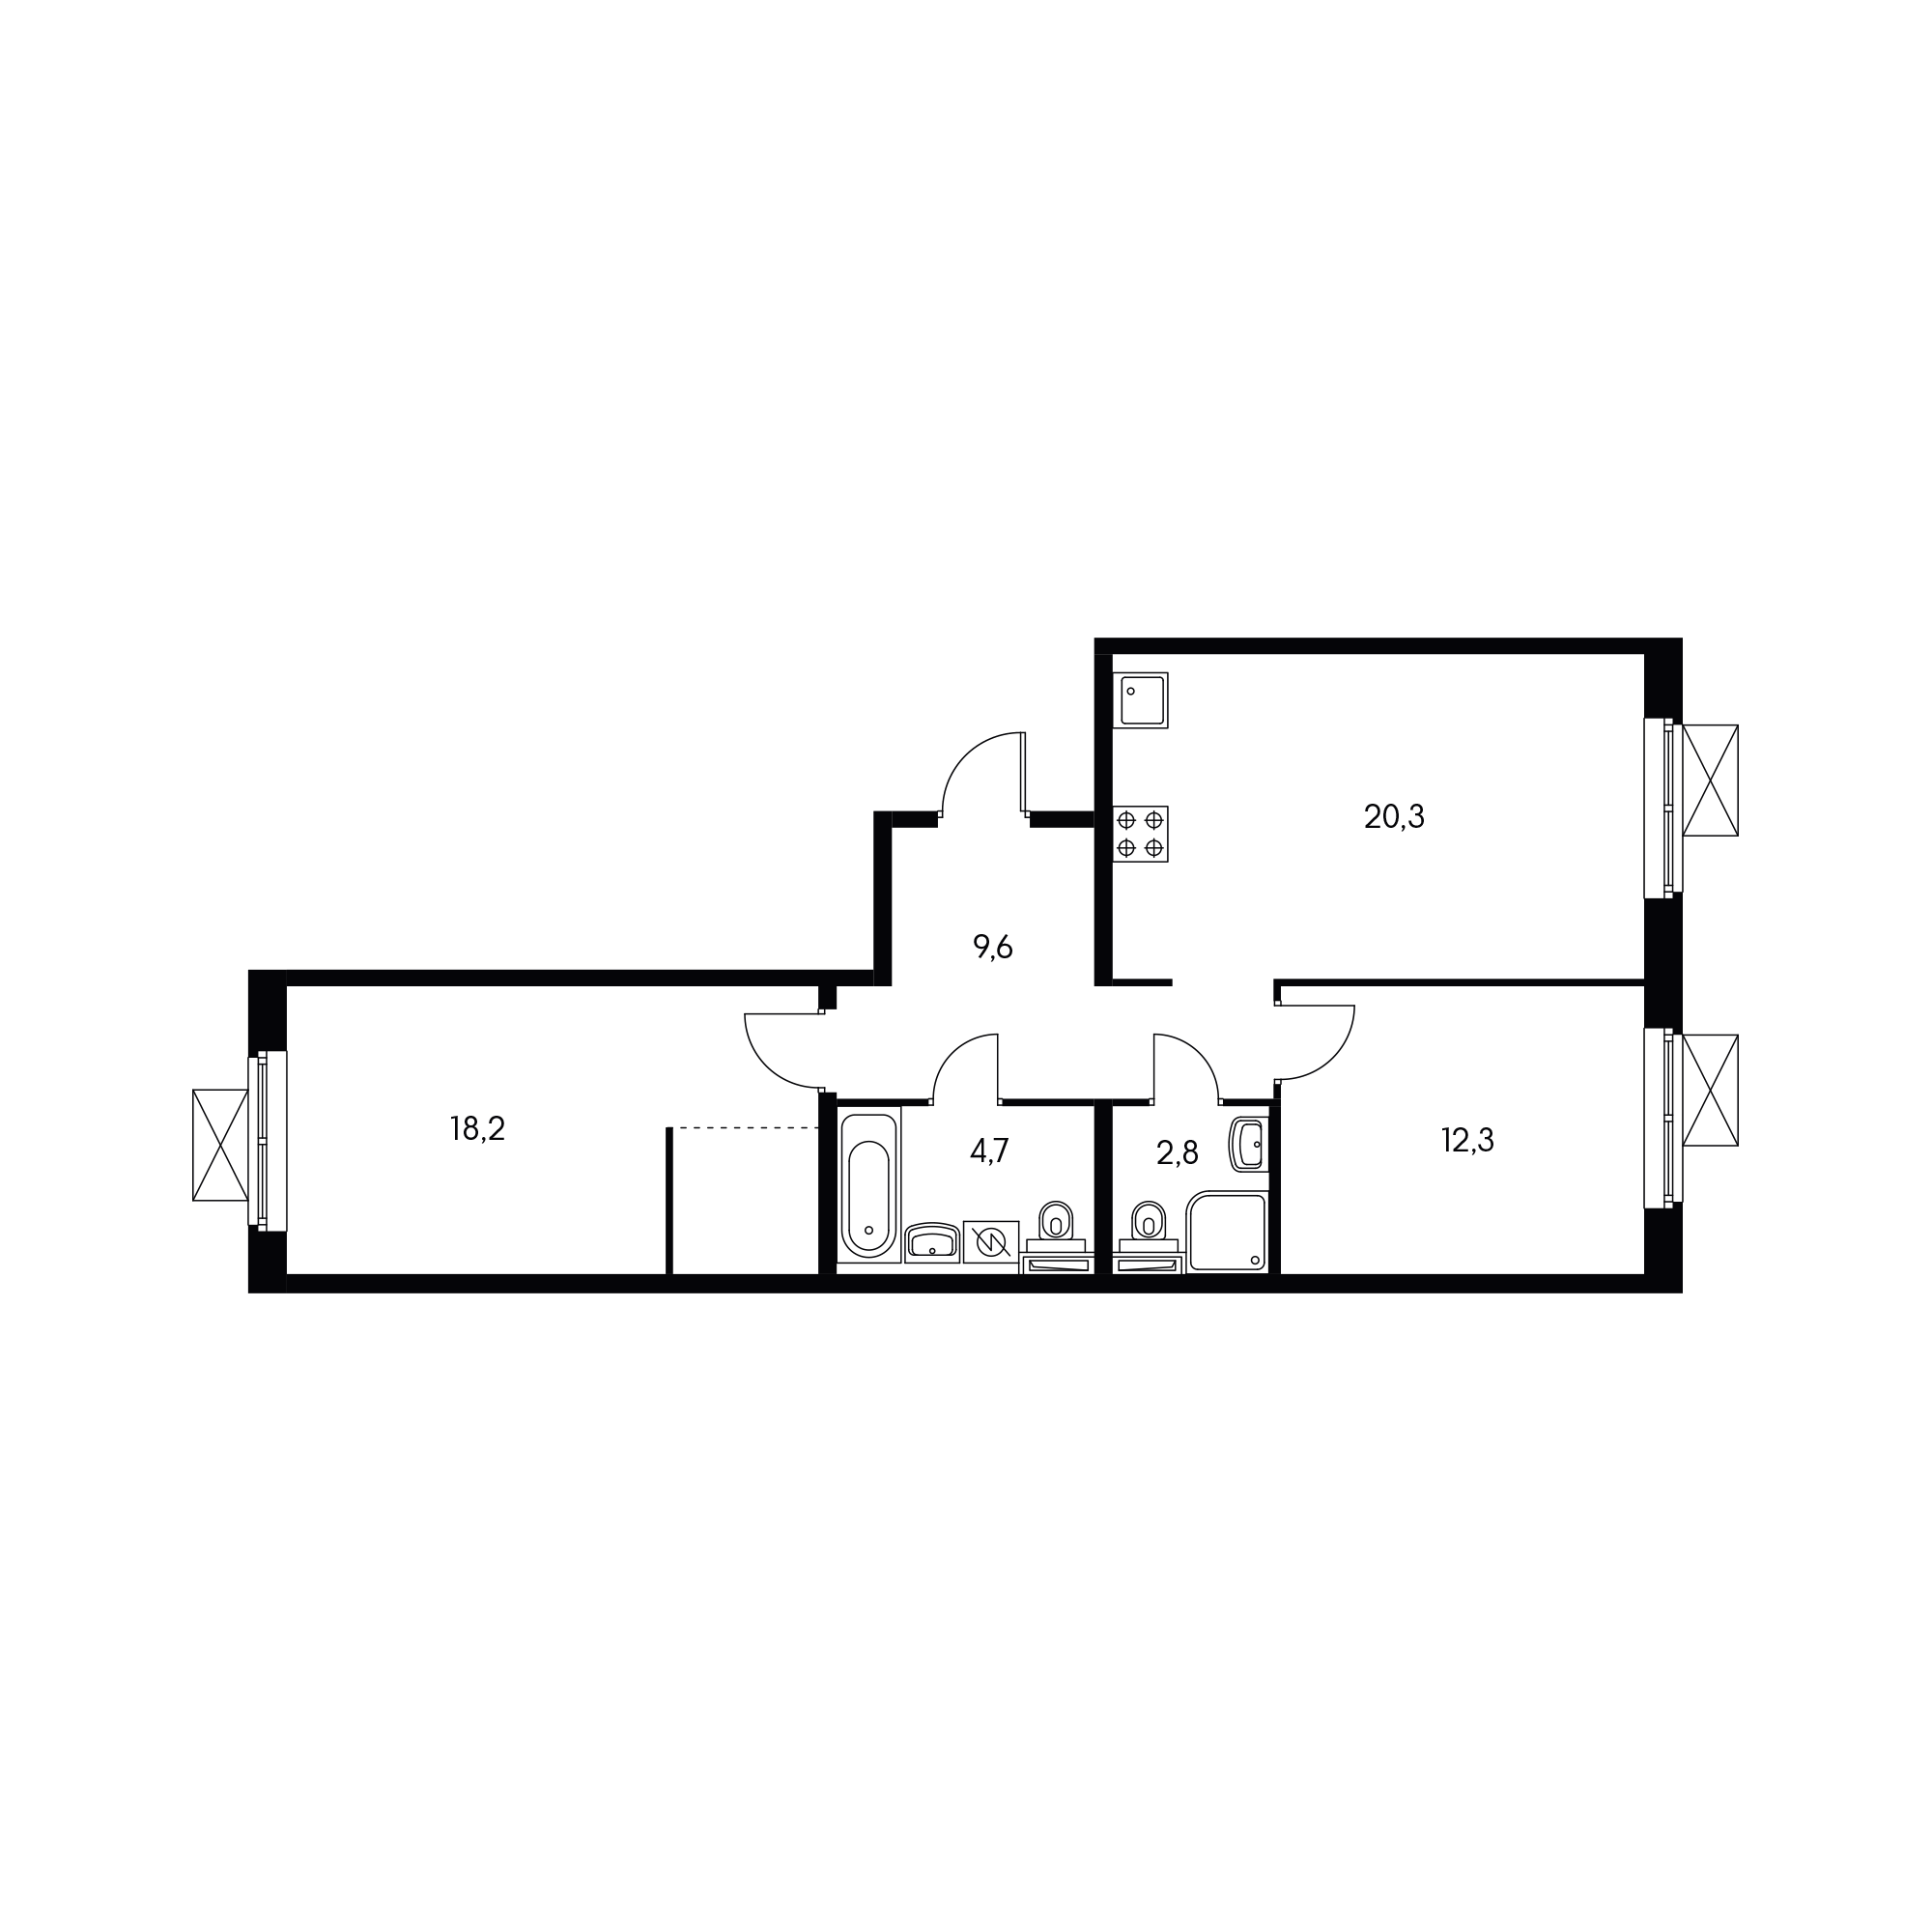 2EL3_6.9-1_S_Z